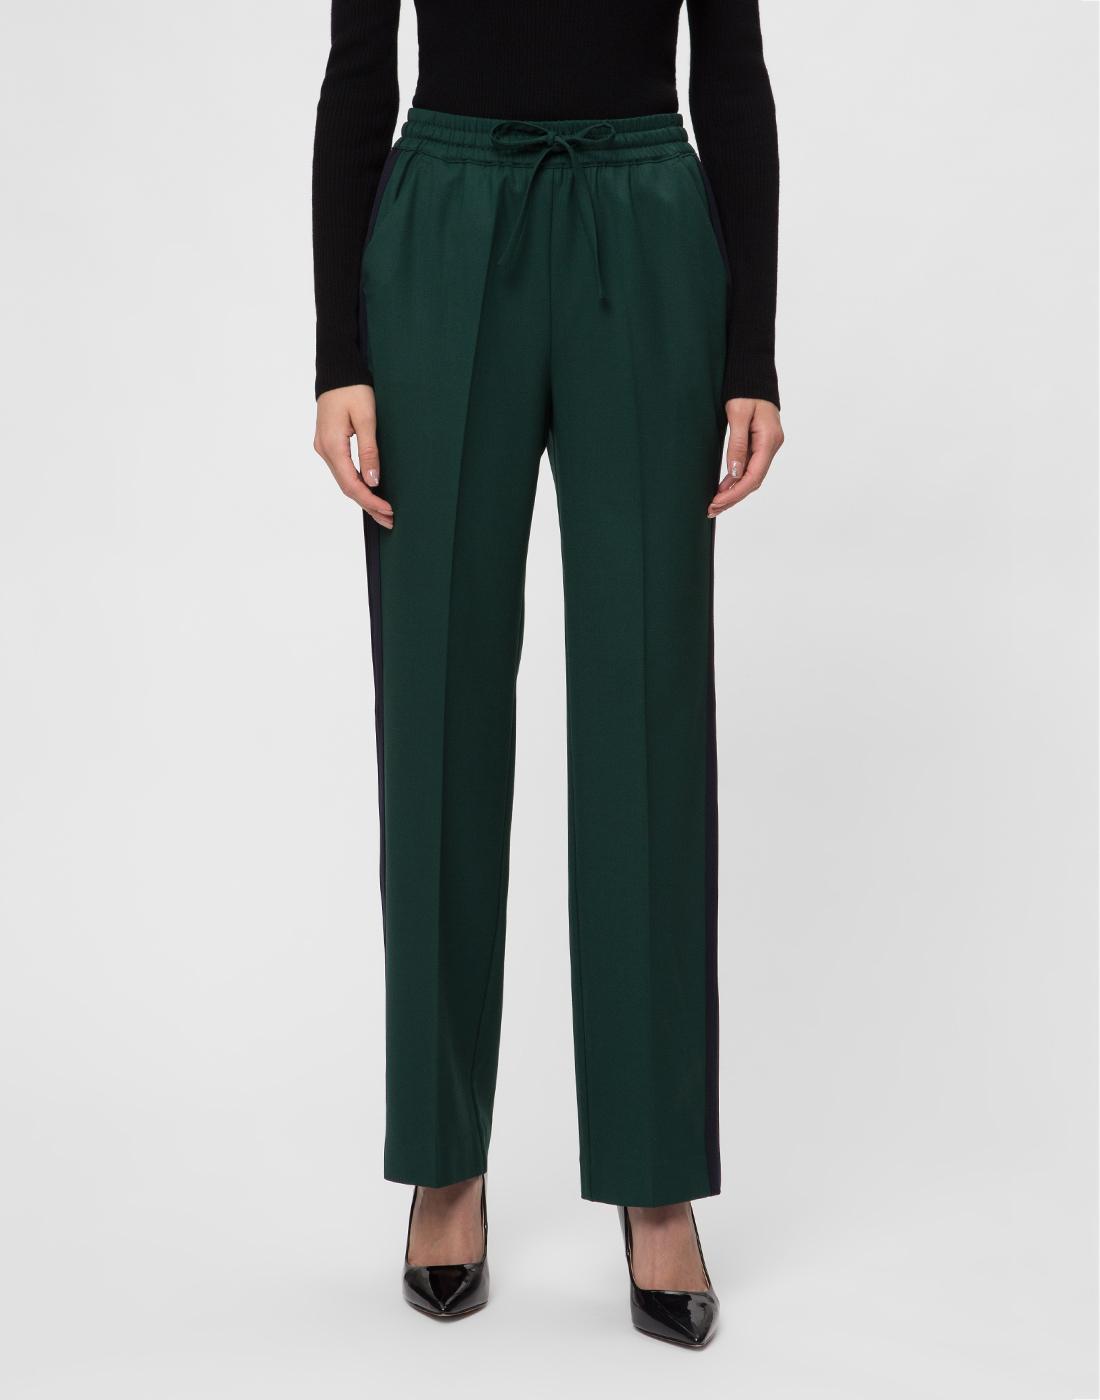 Женские зеленые шерстяные брюки P.A.R.O.S.H. SLILIU D230313-2